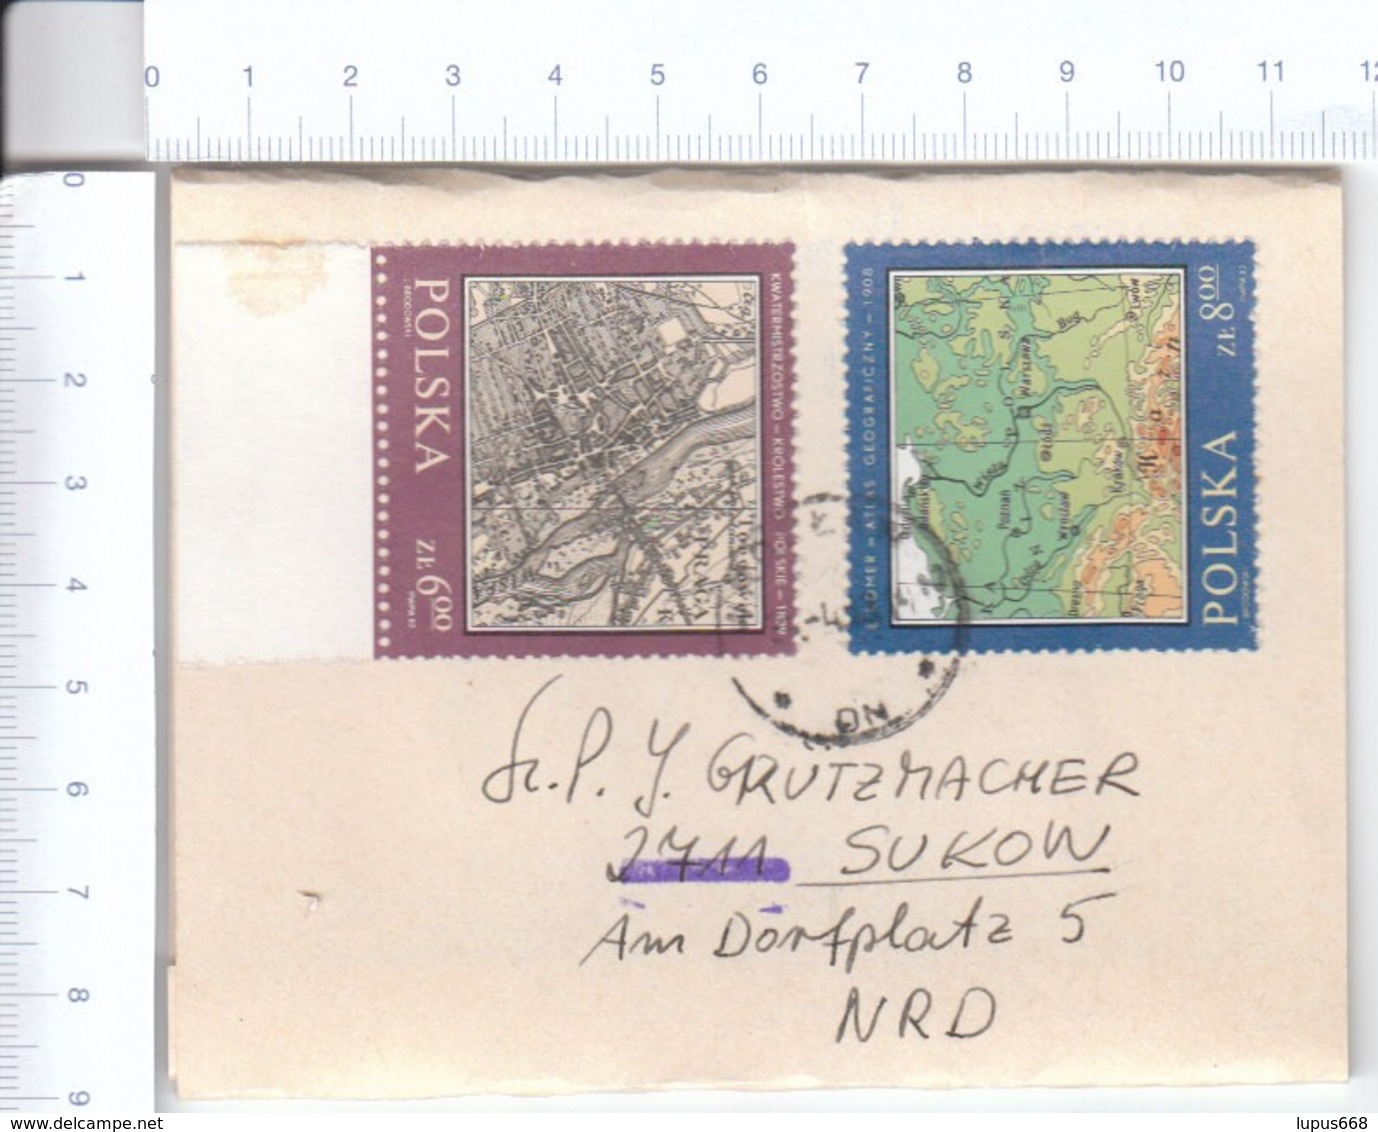 Polen 1982 MiNr. 2845, 2846 Auf Streifband/ Strip Band ; Histor. Landkarten; Dabei Polen, Stadtplan Von Prag - Geographie